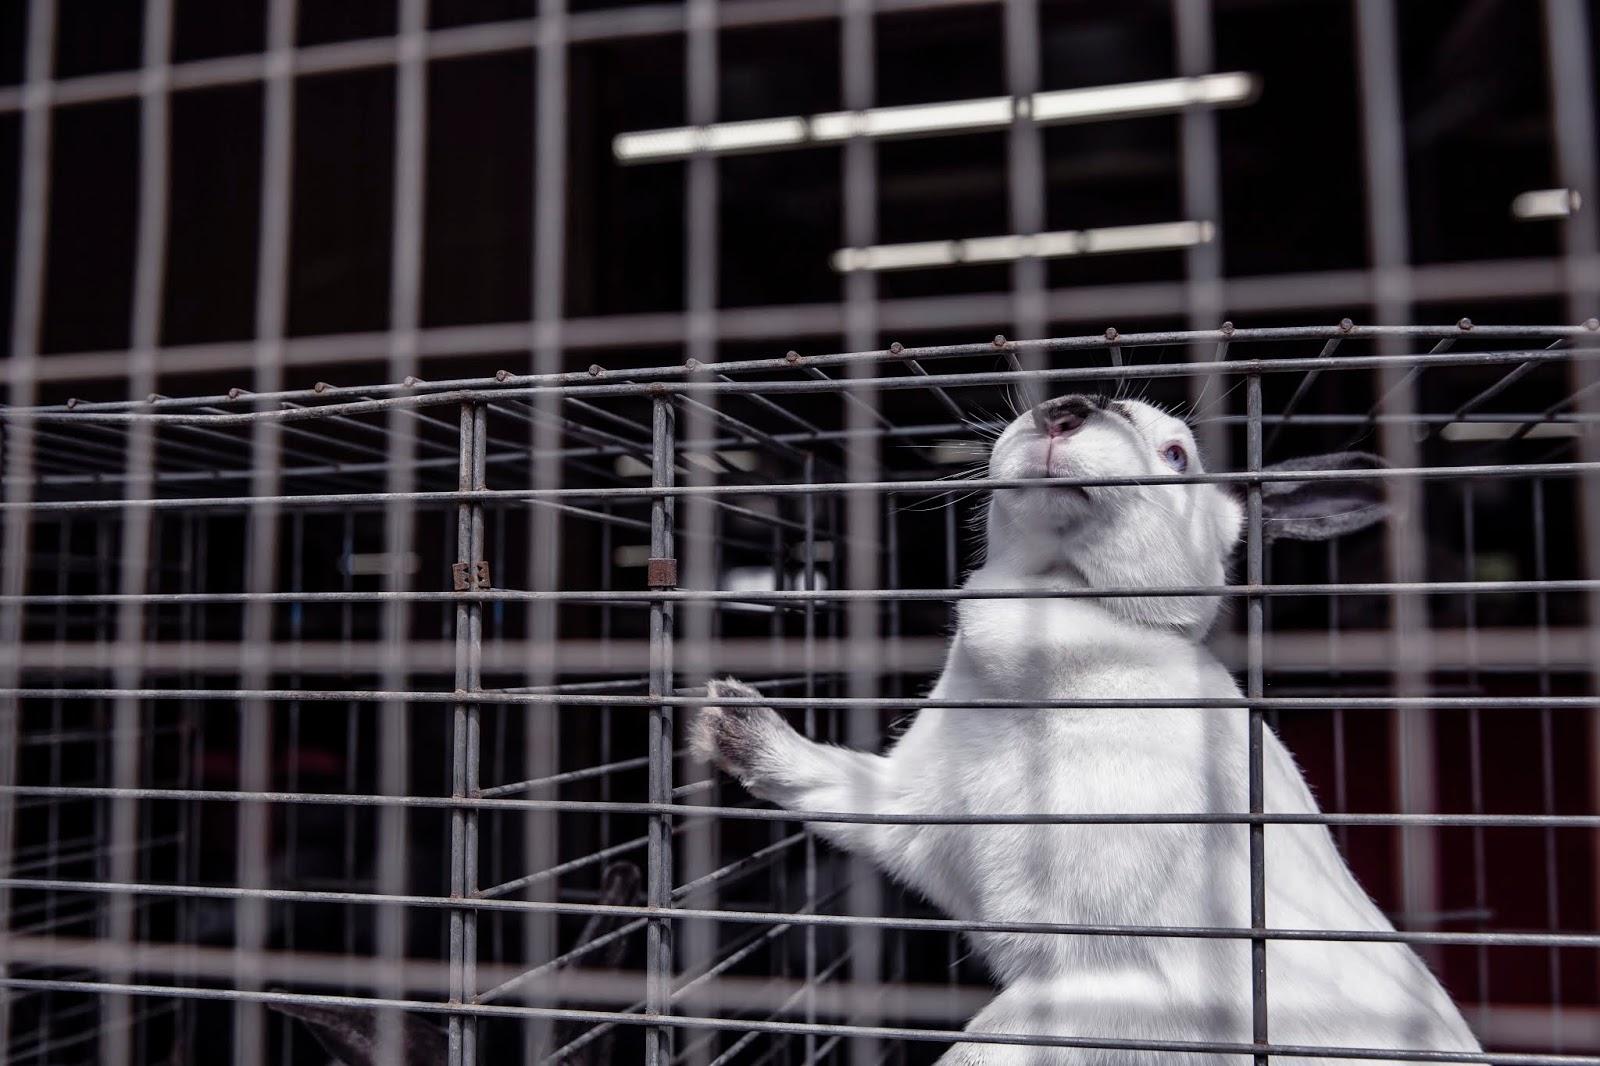 kosmetyki testowane na zwierzętach, marki które testują kosmetyki na zwierzętach